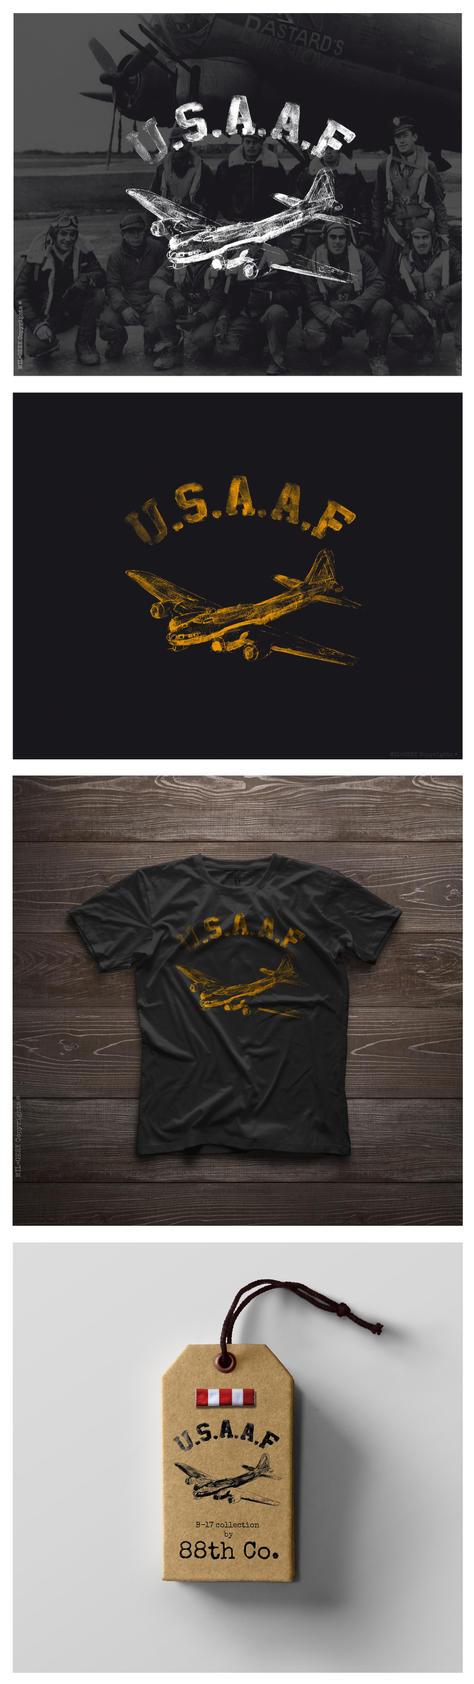 B-17 Bomber Inspired Brand Concept by angelsd